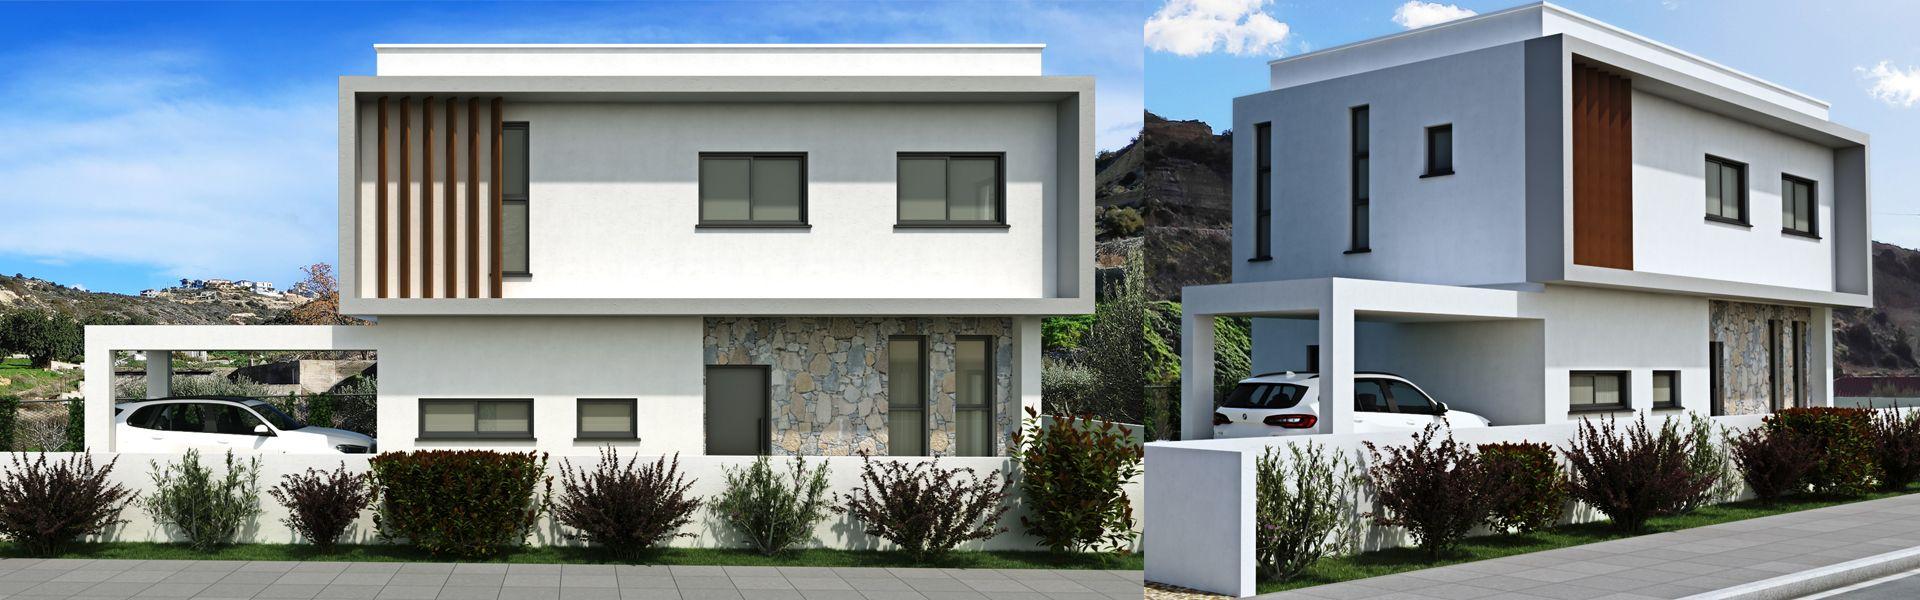 residential-house-mesa-geitonia-limassol